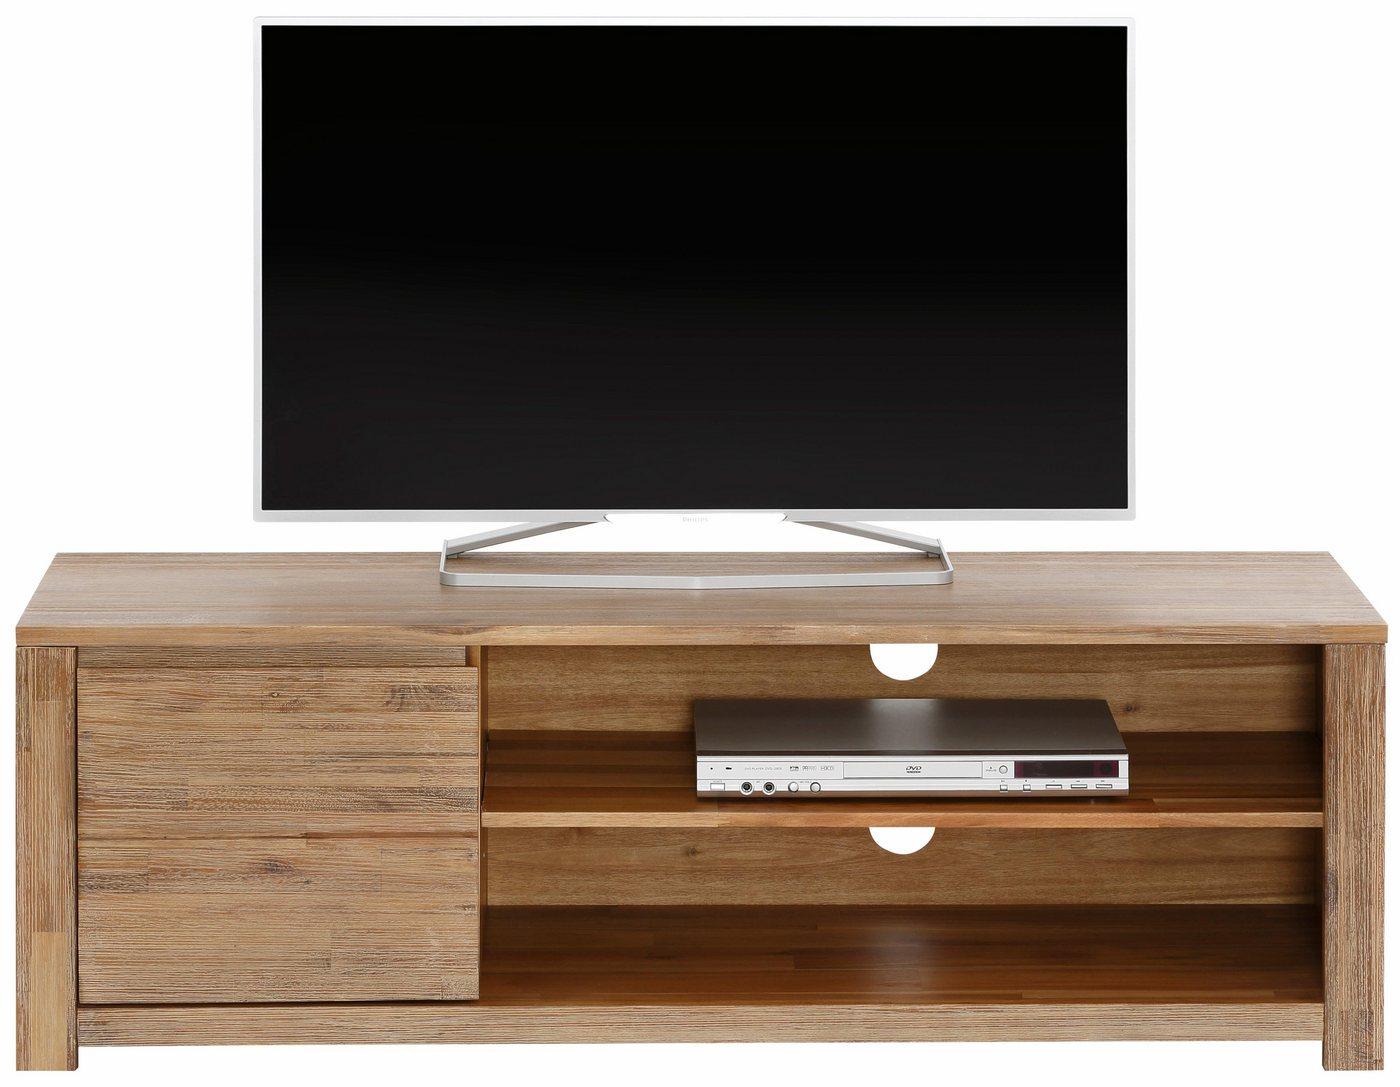 HOME AFFAIRE TV-meubel Wally, breedte: 135 cm